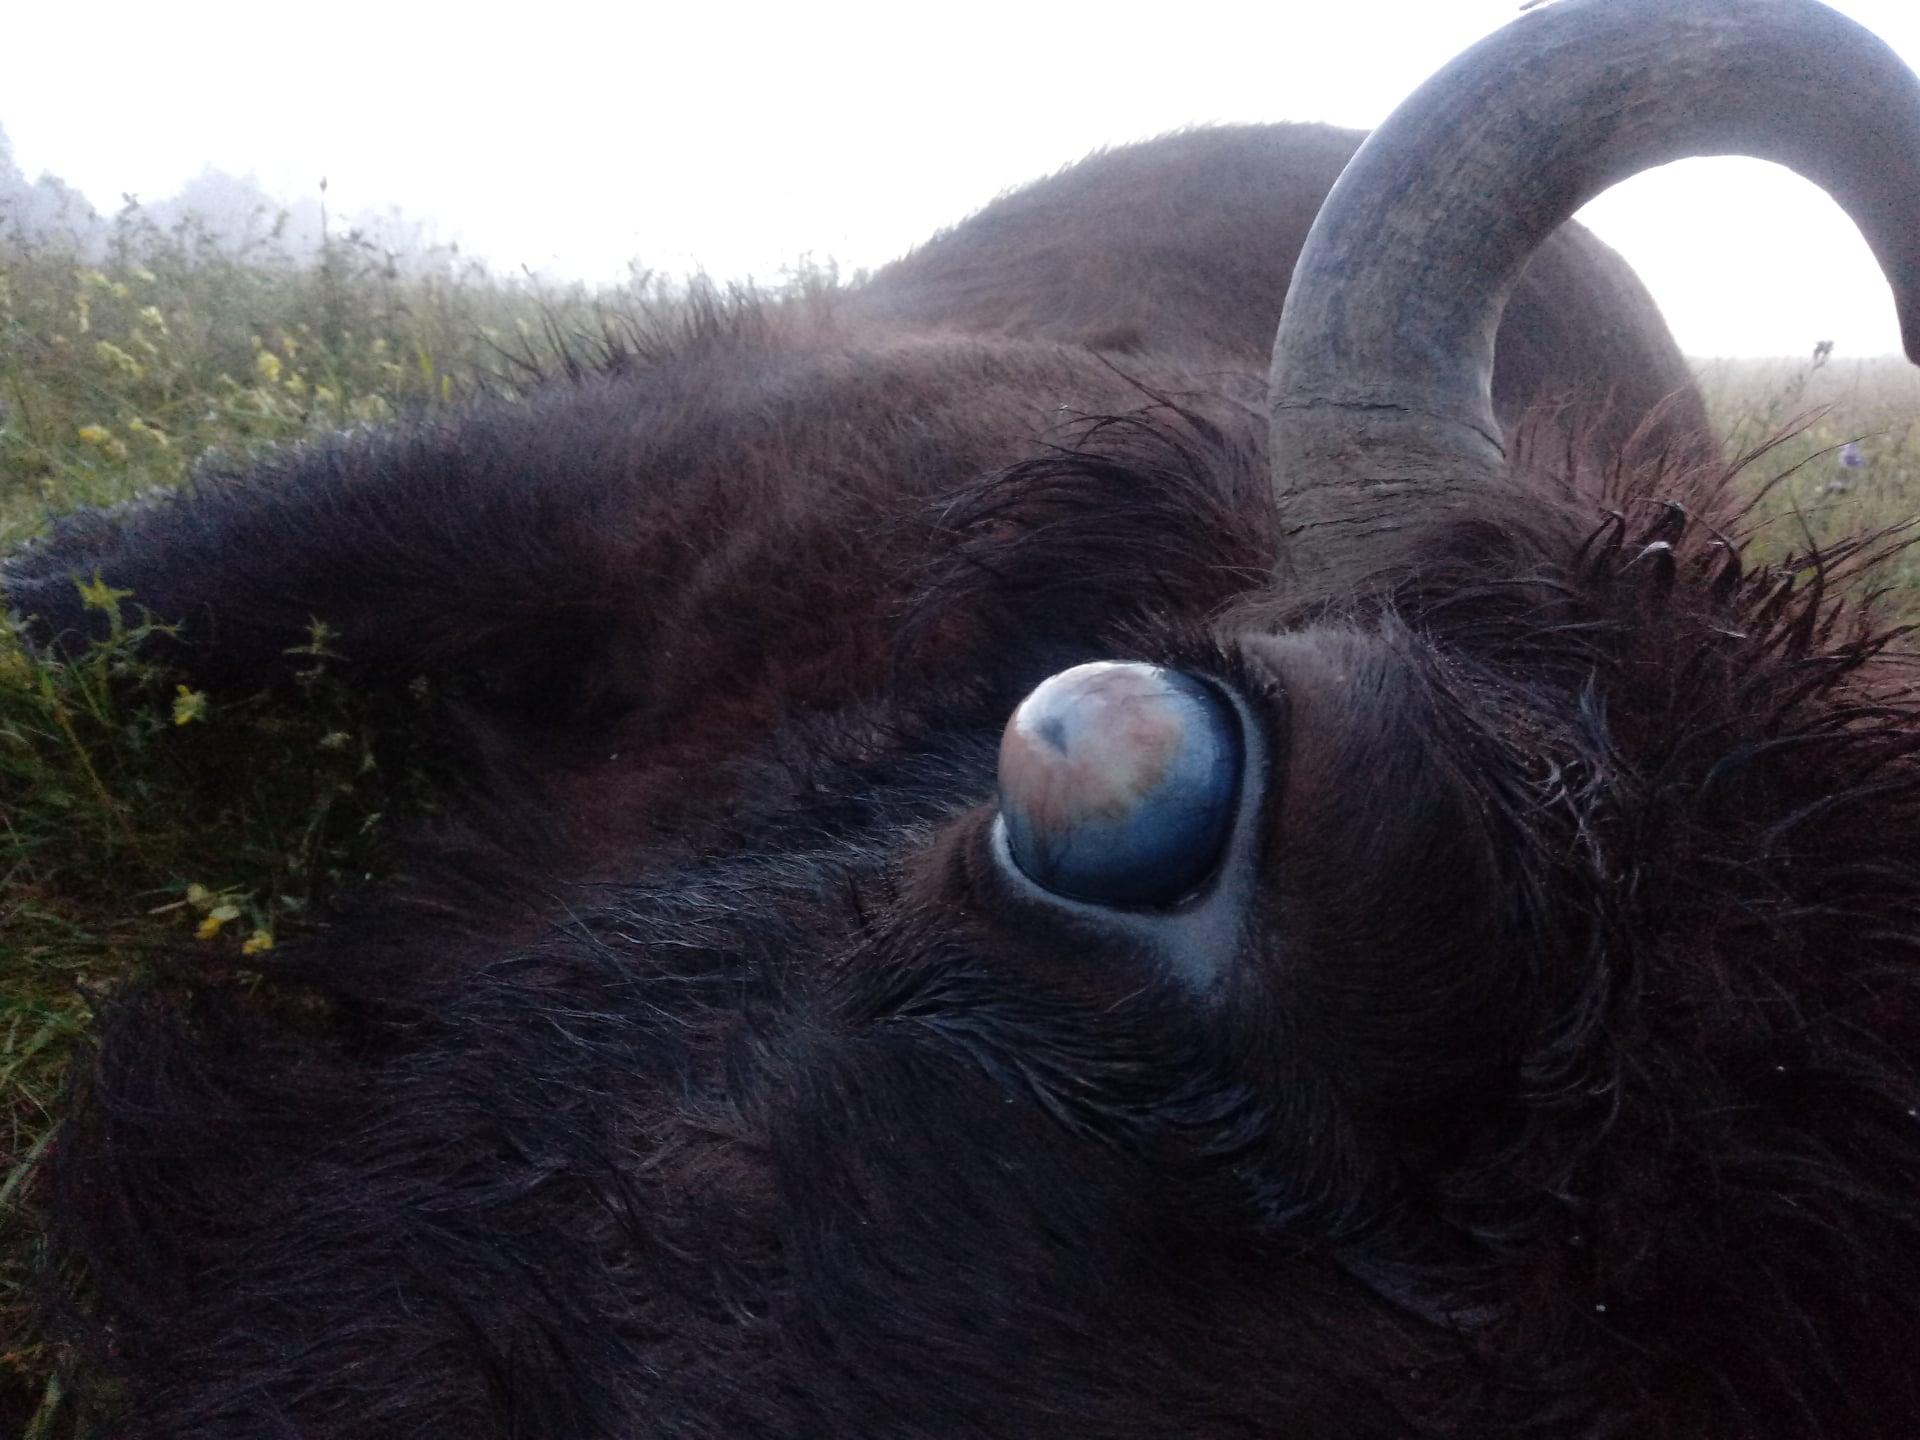 Pasożyty zabijają żubry w Bieszczadach [DRASTYCZNE ZDJĘCIA] - Zdjęcie główne